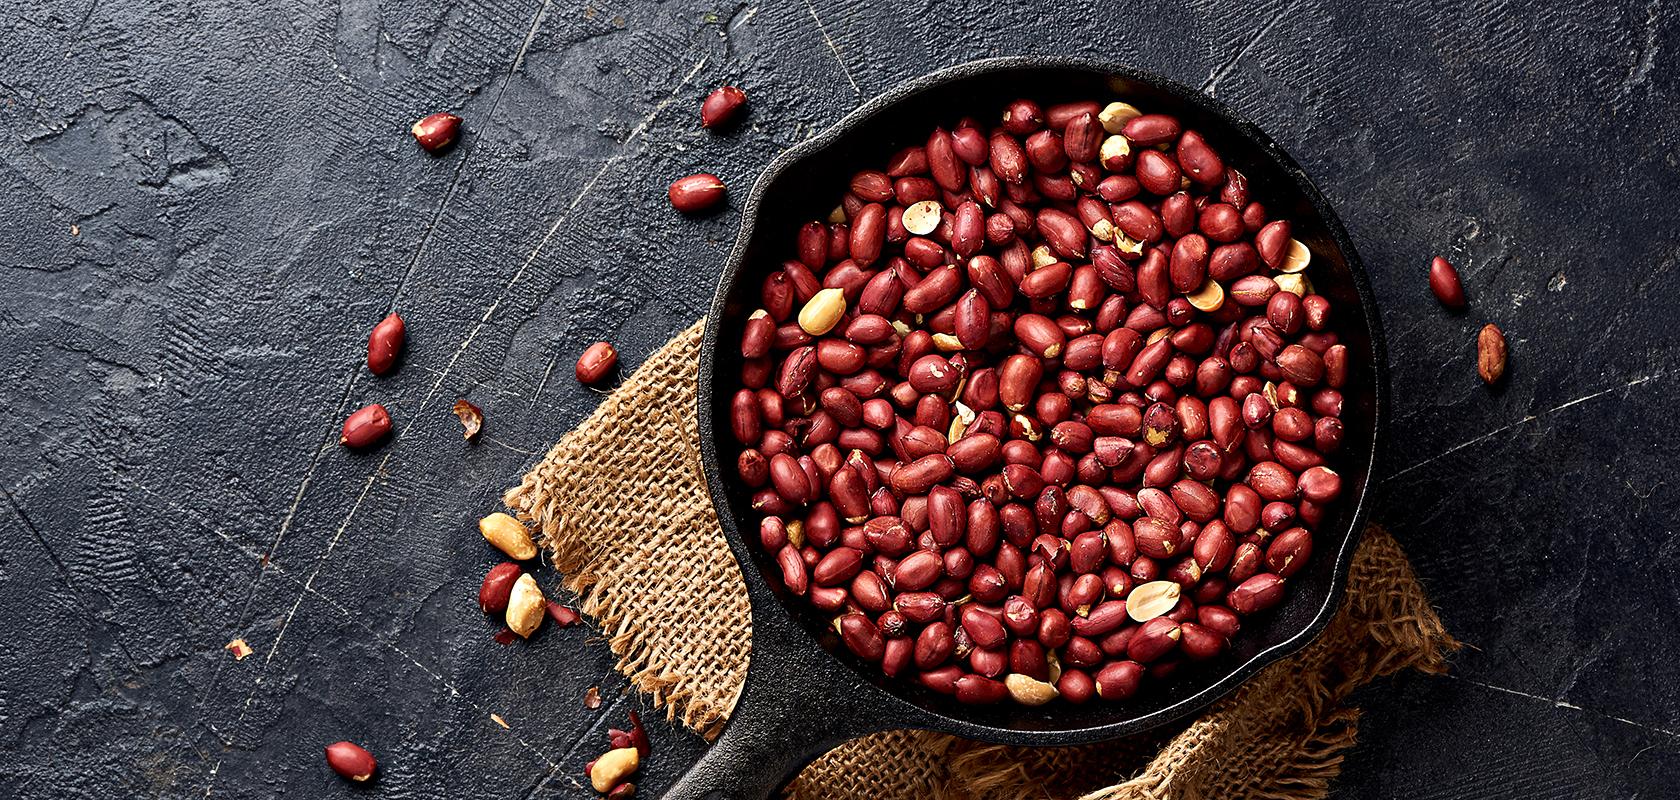 فوائد أكل الفول السوداني ني